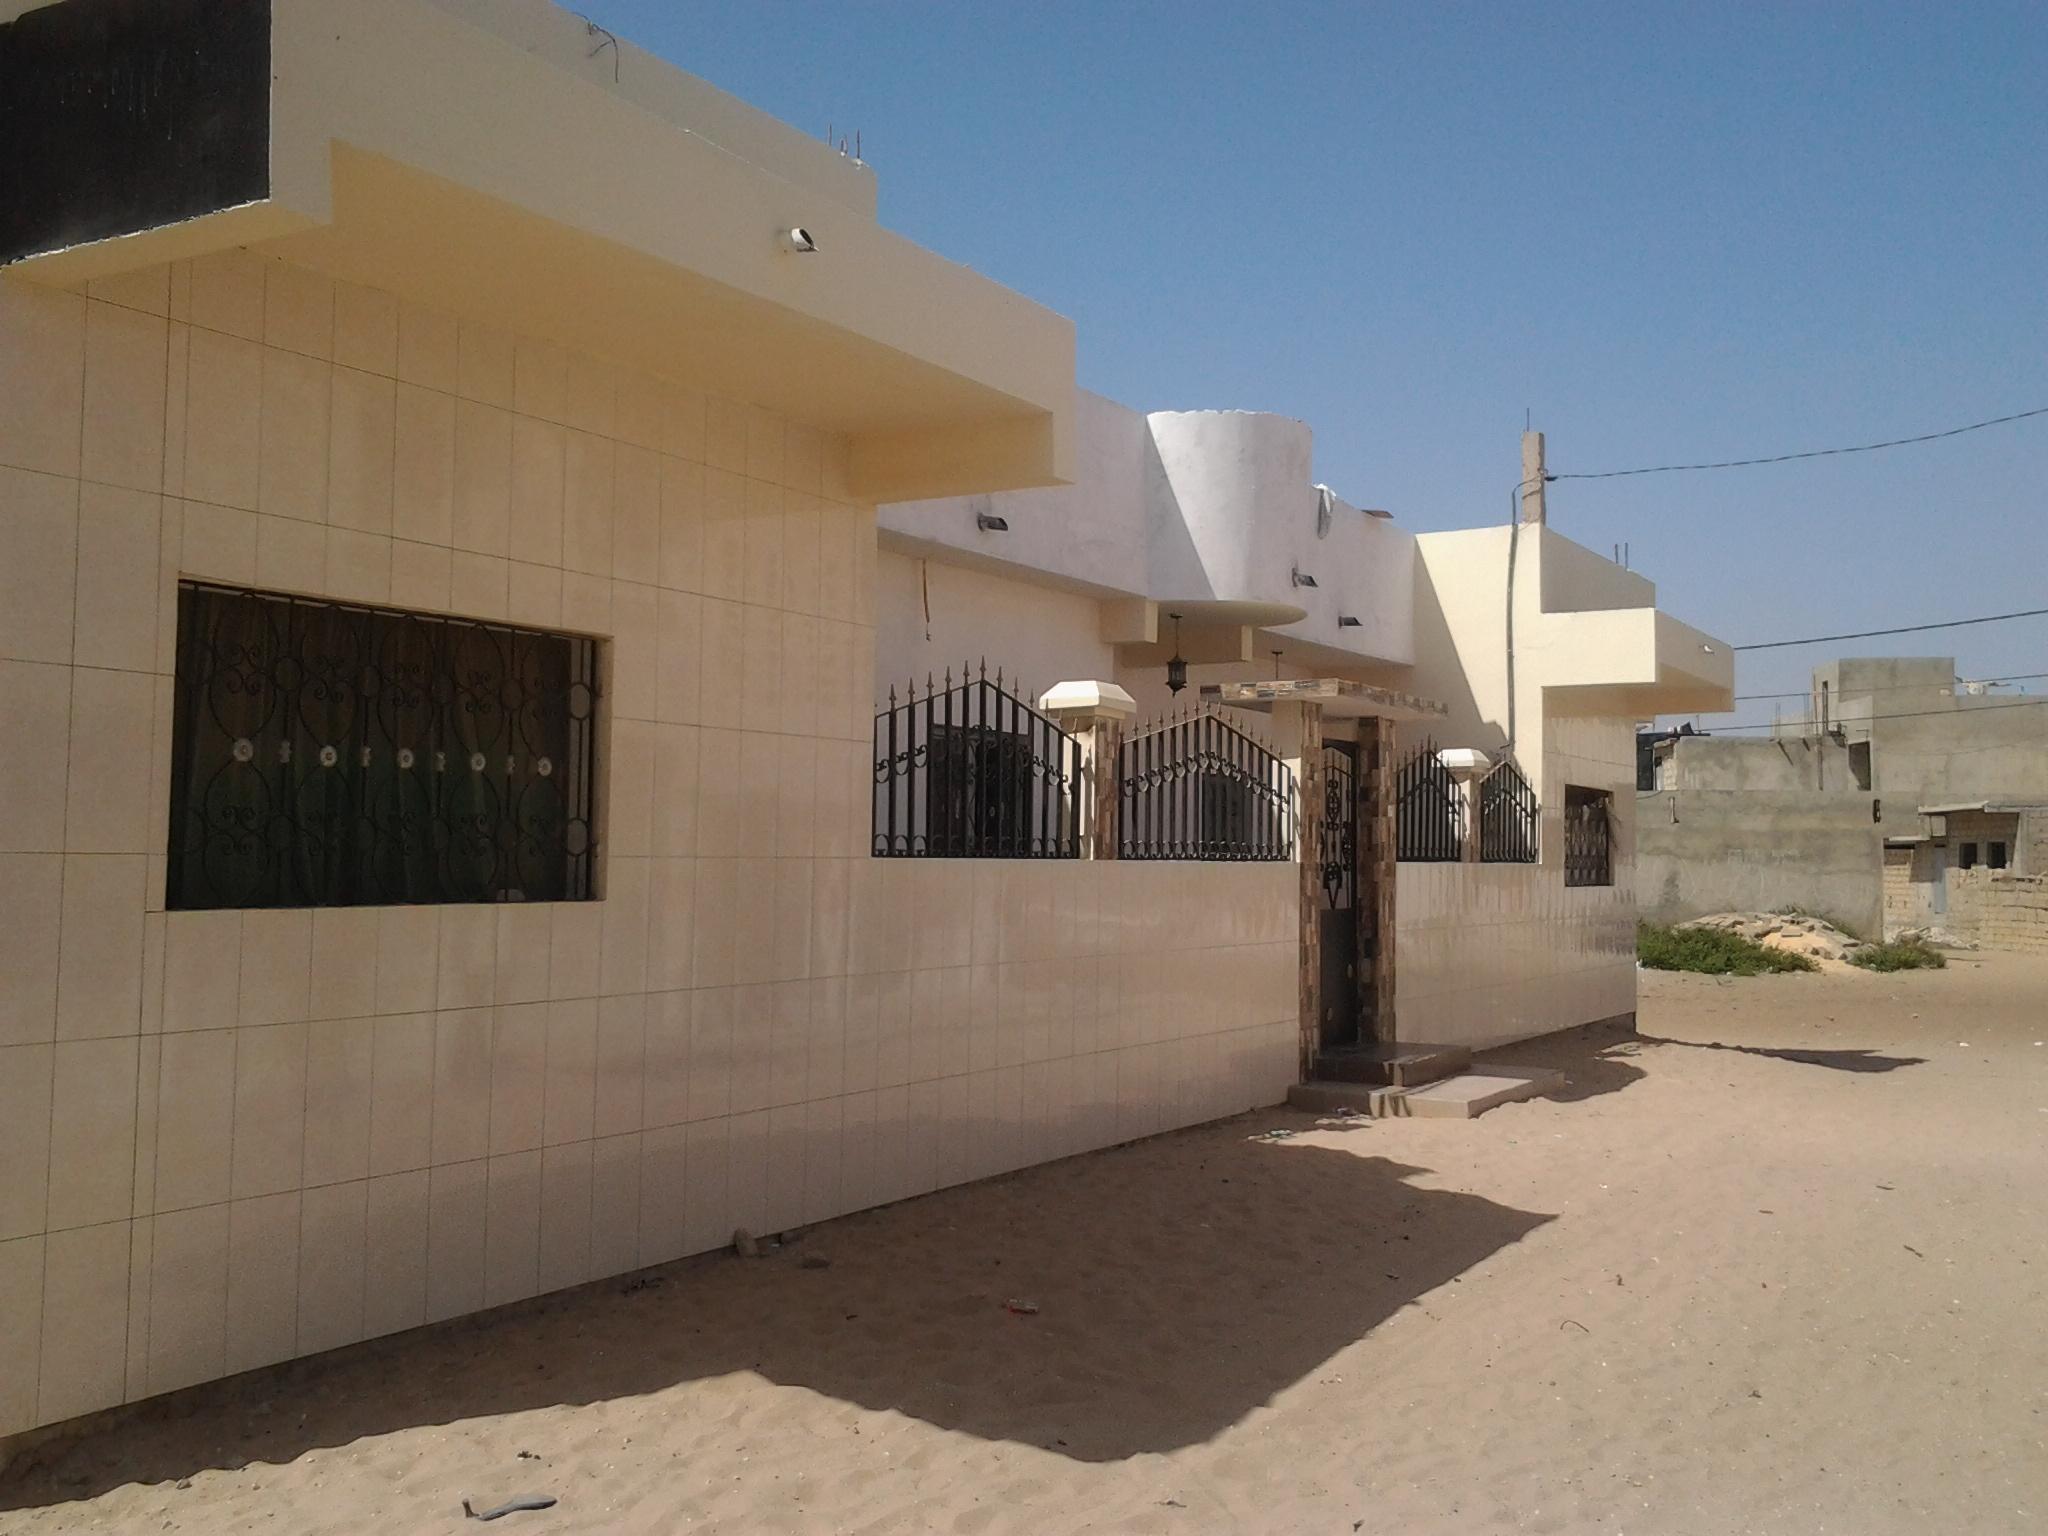 Vente d une villa keur massar petites annonces for Achat maison senegal